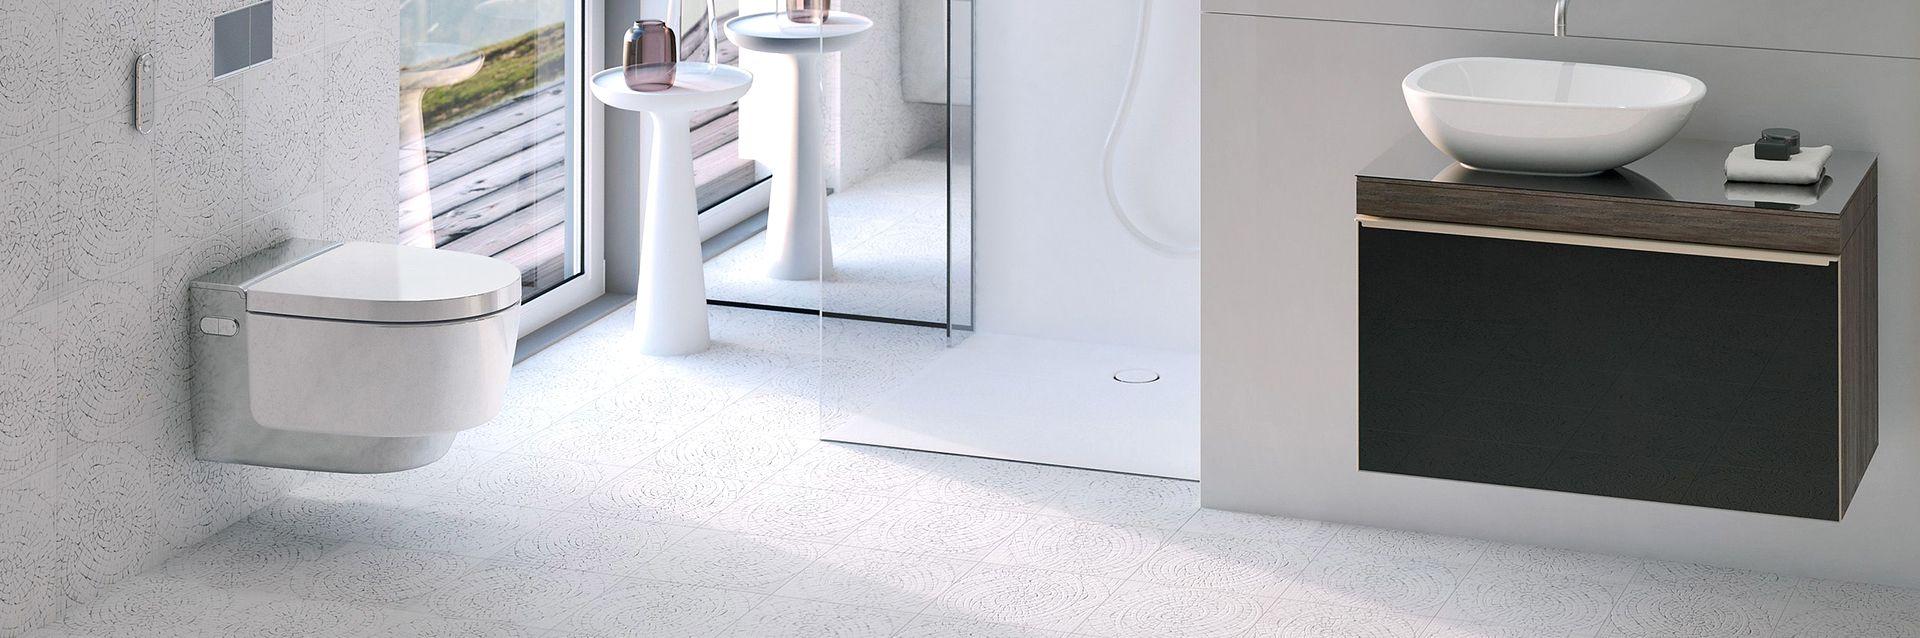 geberit aquaclean mera classic en comfort baden. Black Bedroom Furniture Sets. Home Design Ideas